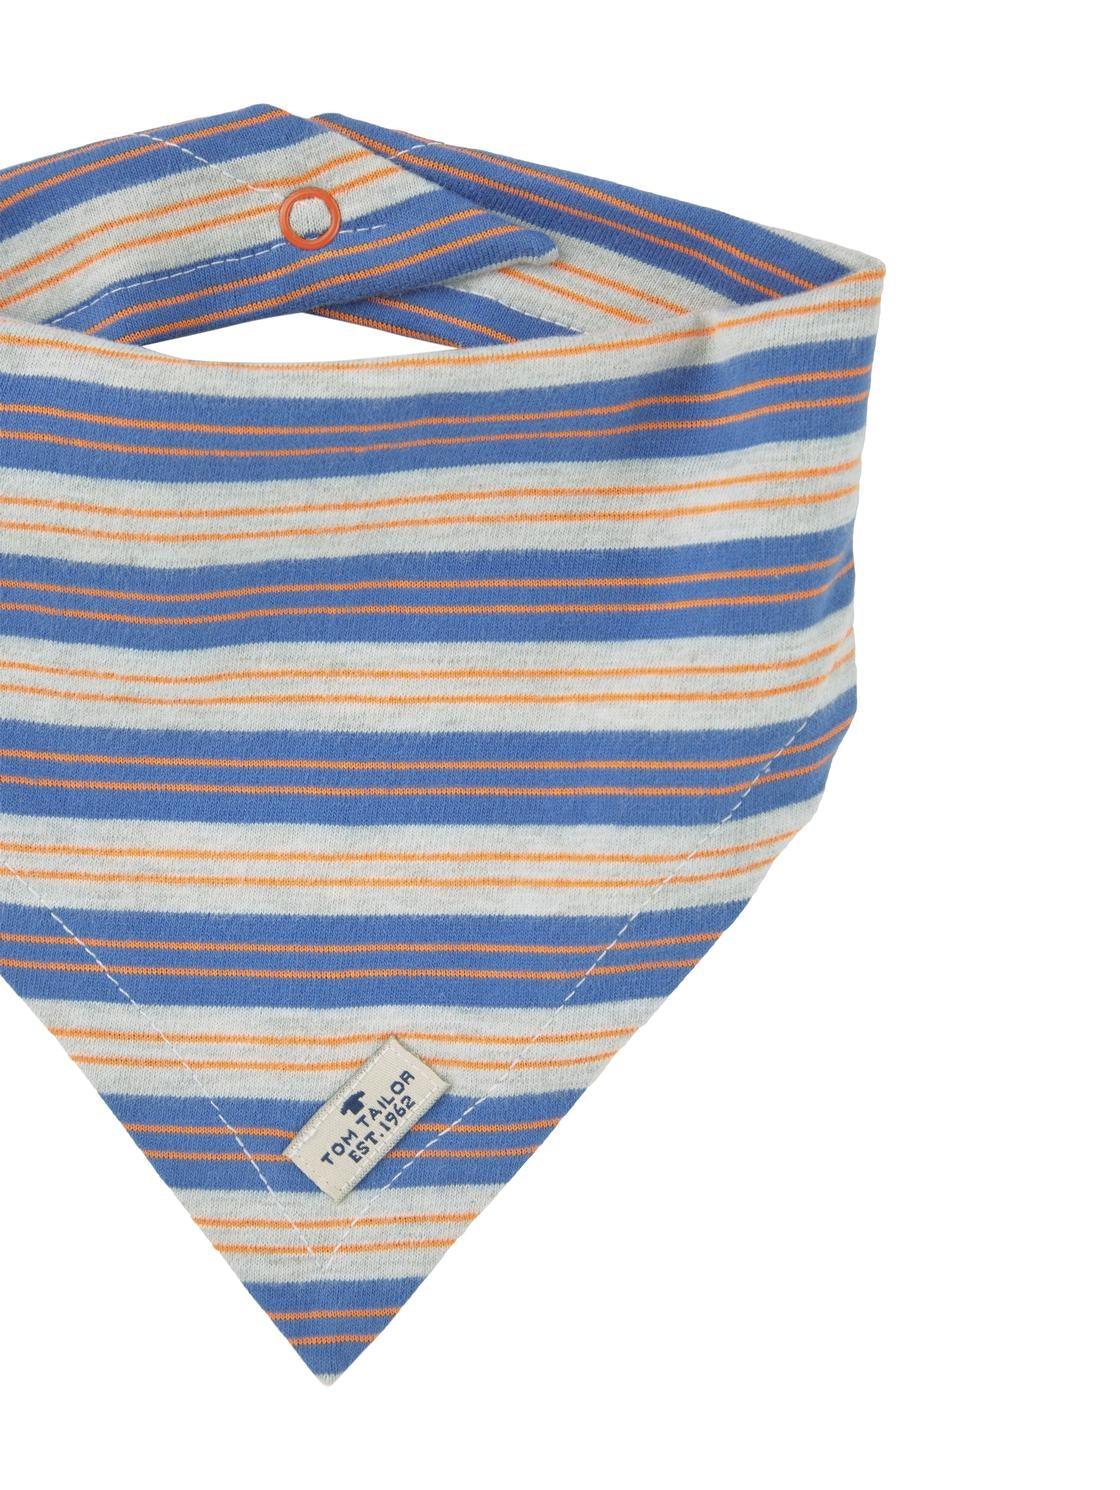 bandana, y/d stripe-multicolored